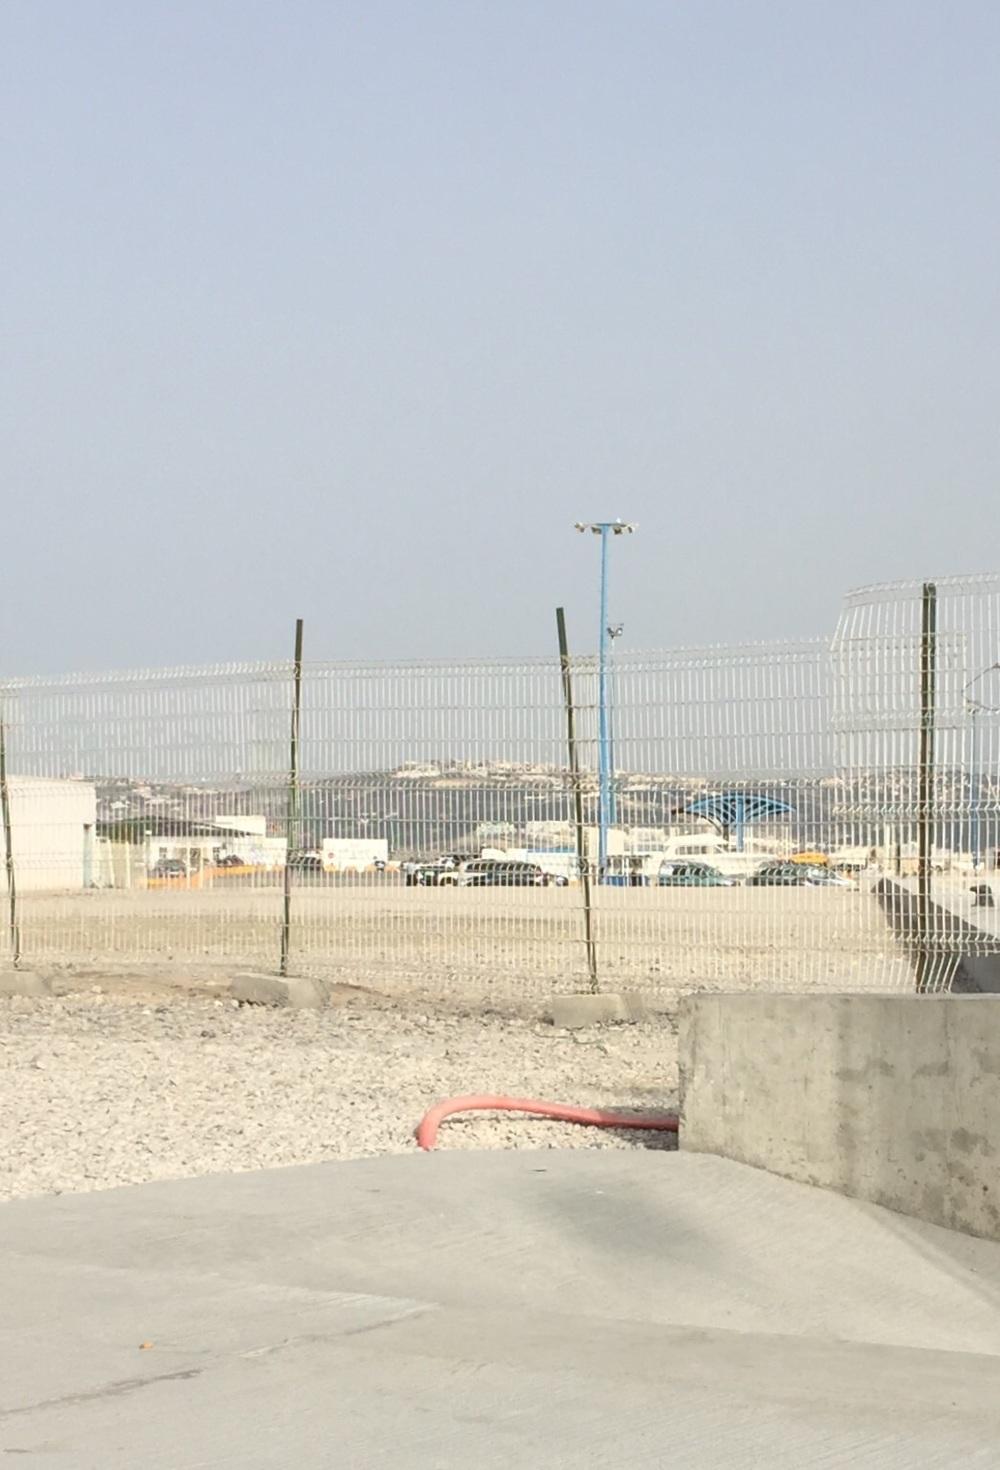 صورة للمكان الذي كان فوقه مقر النادي قبل تسويته بالأرض